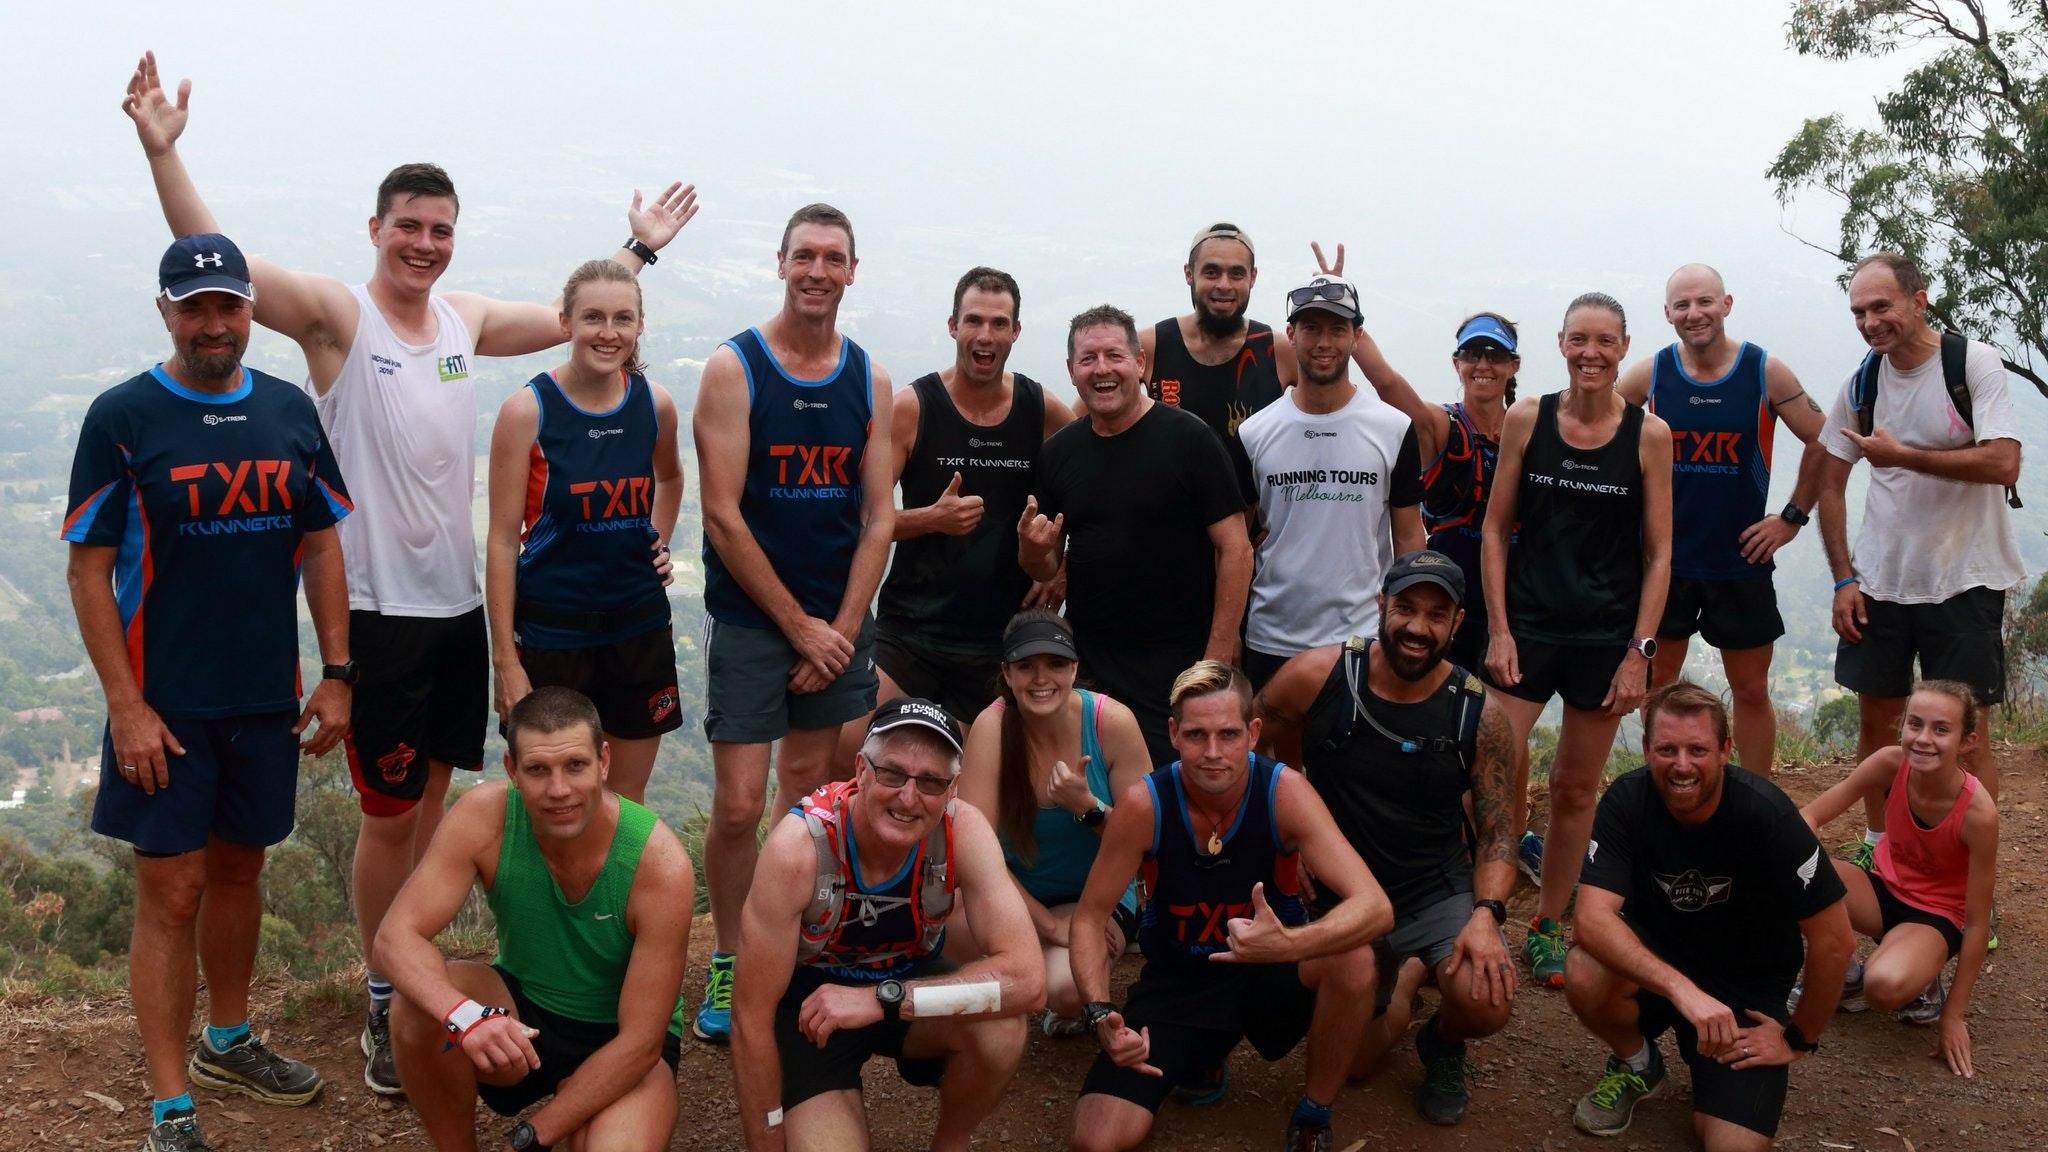 Mount Dandenong Running Tour